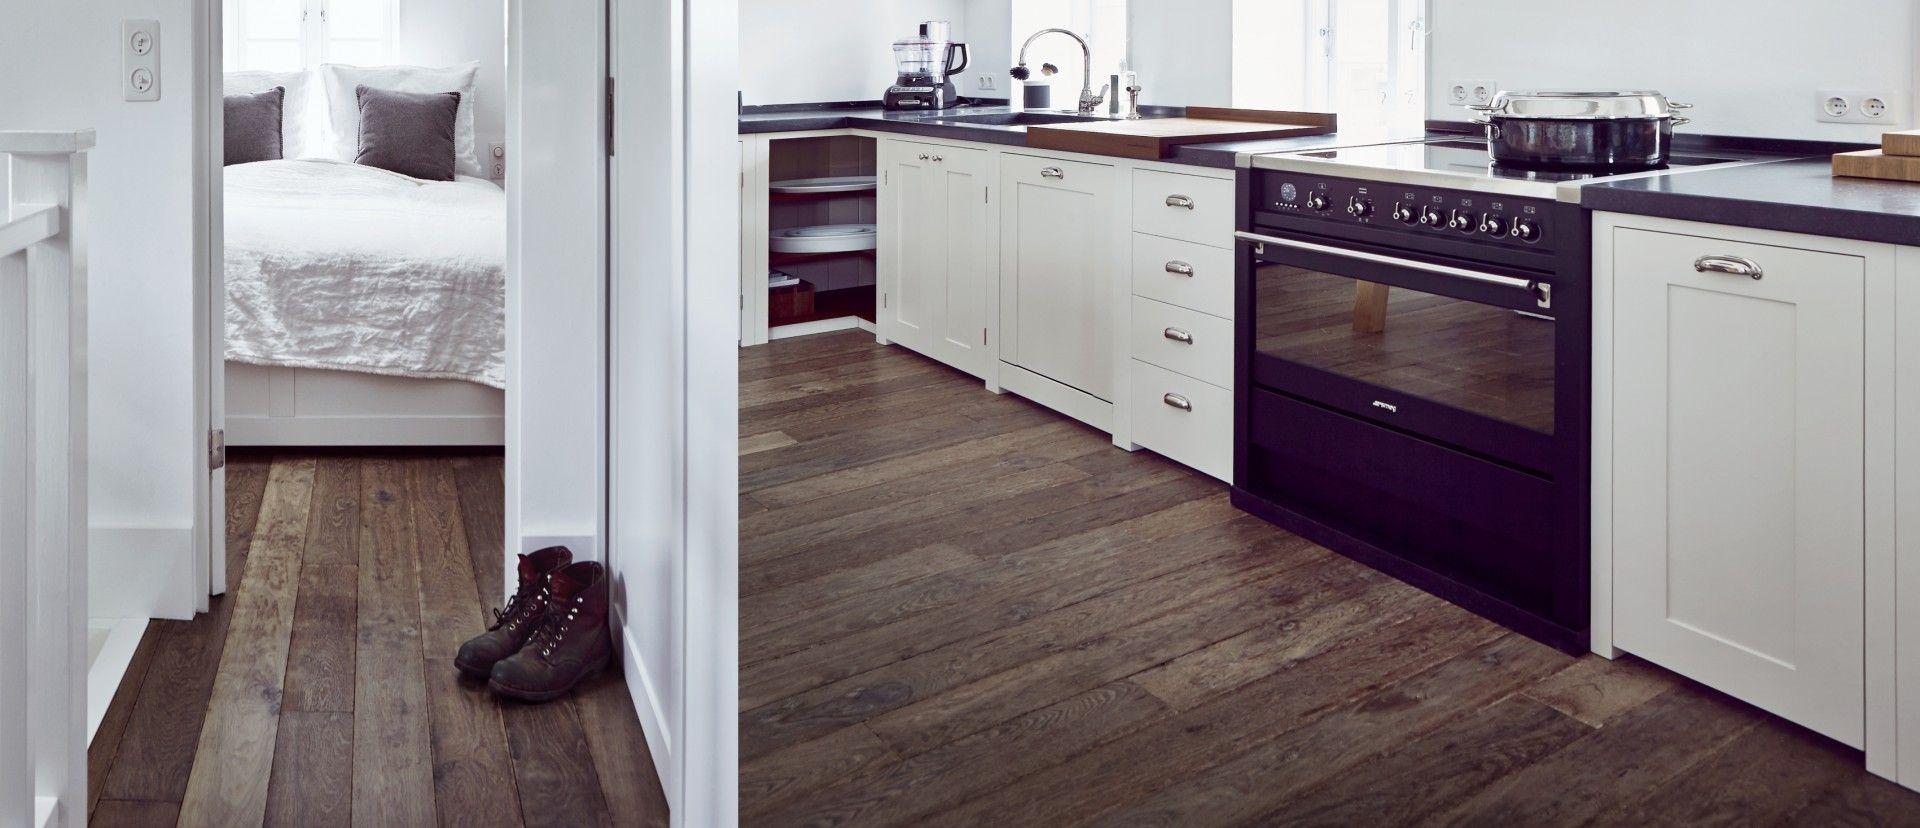 03 eichendielen naturstein vonderhecken. Black Bedroom Furniture Sets. Home Design Ideas